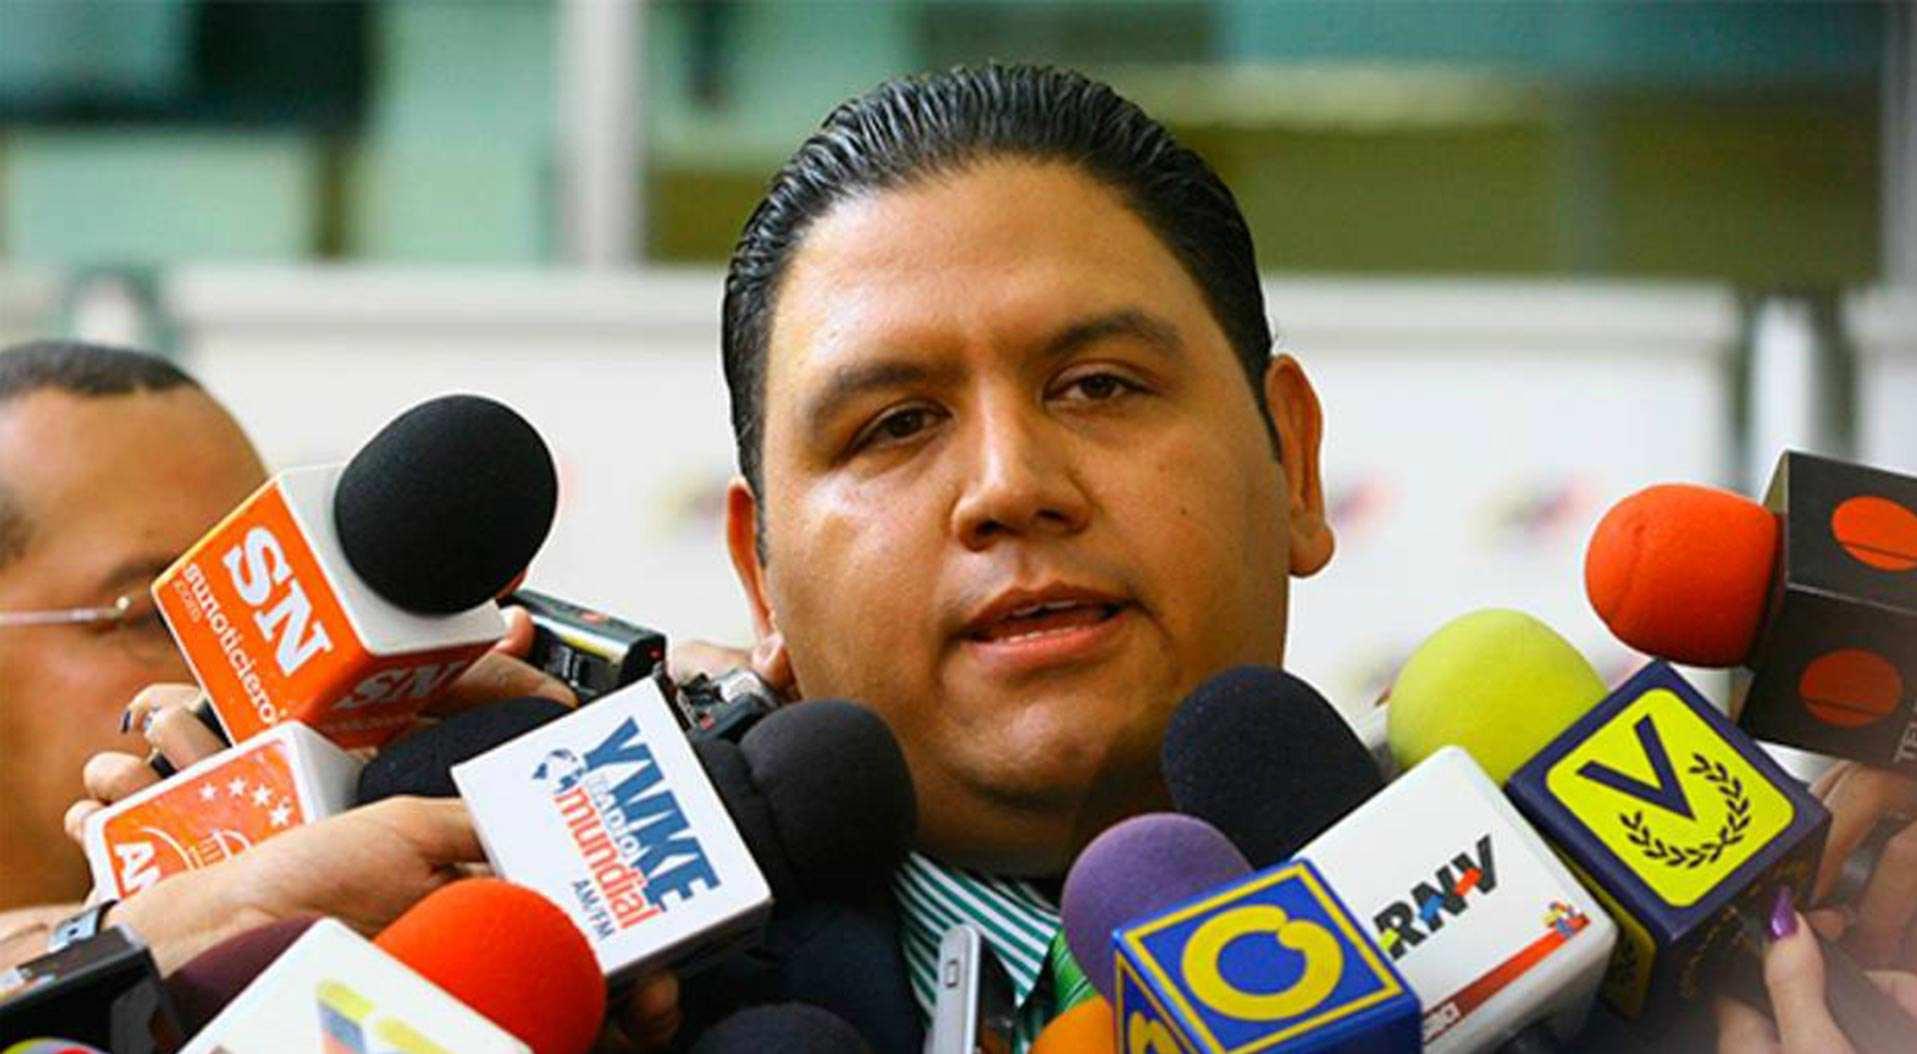 El rector del CNE indicó que abstenerse es darle oportunidad al oponente y eso no ayuda en la situación del país